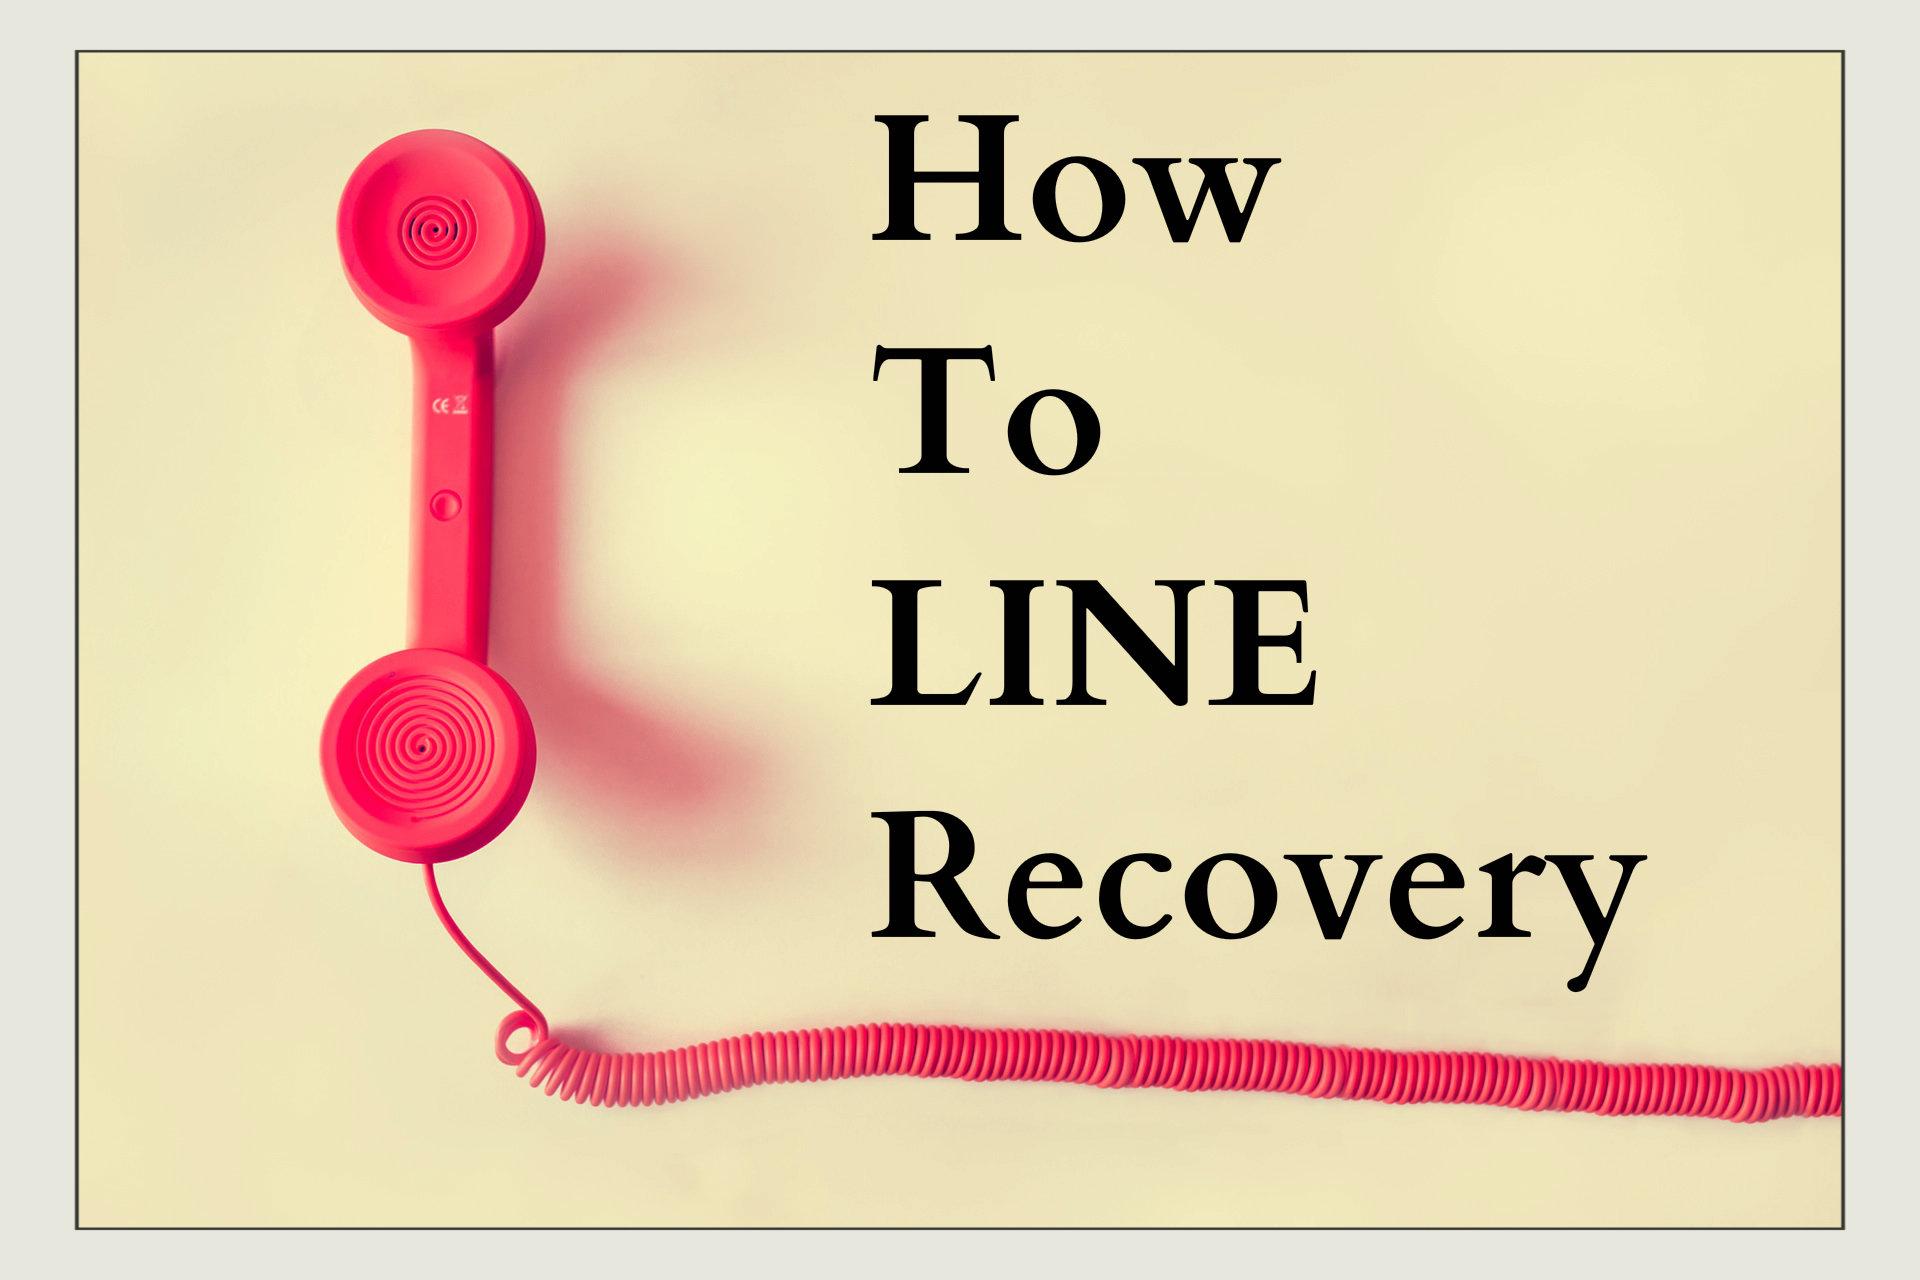 LINEのアカウント引き継ぎや機種変更でエラーが出た時に必ず試してほしいこと